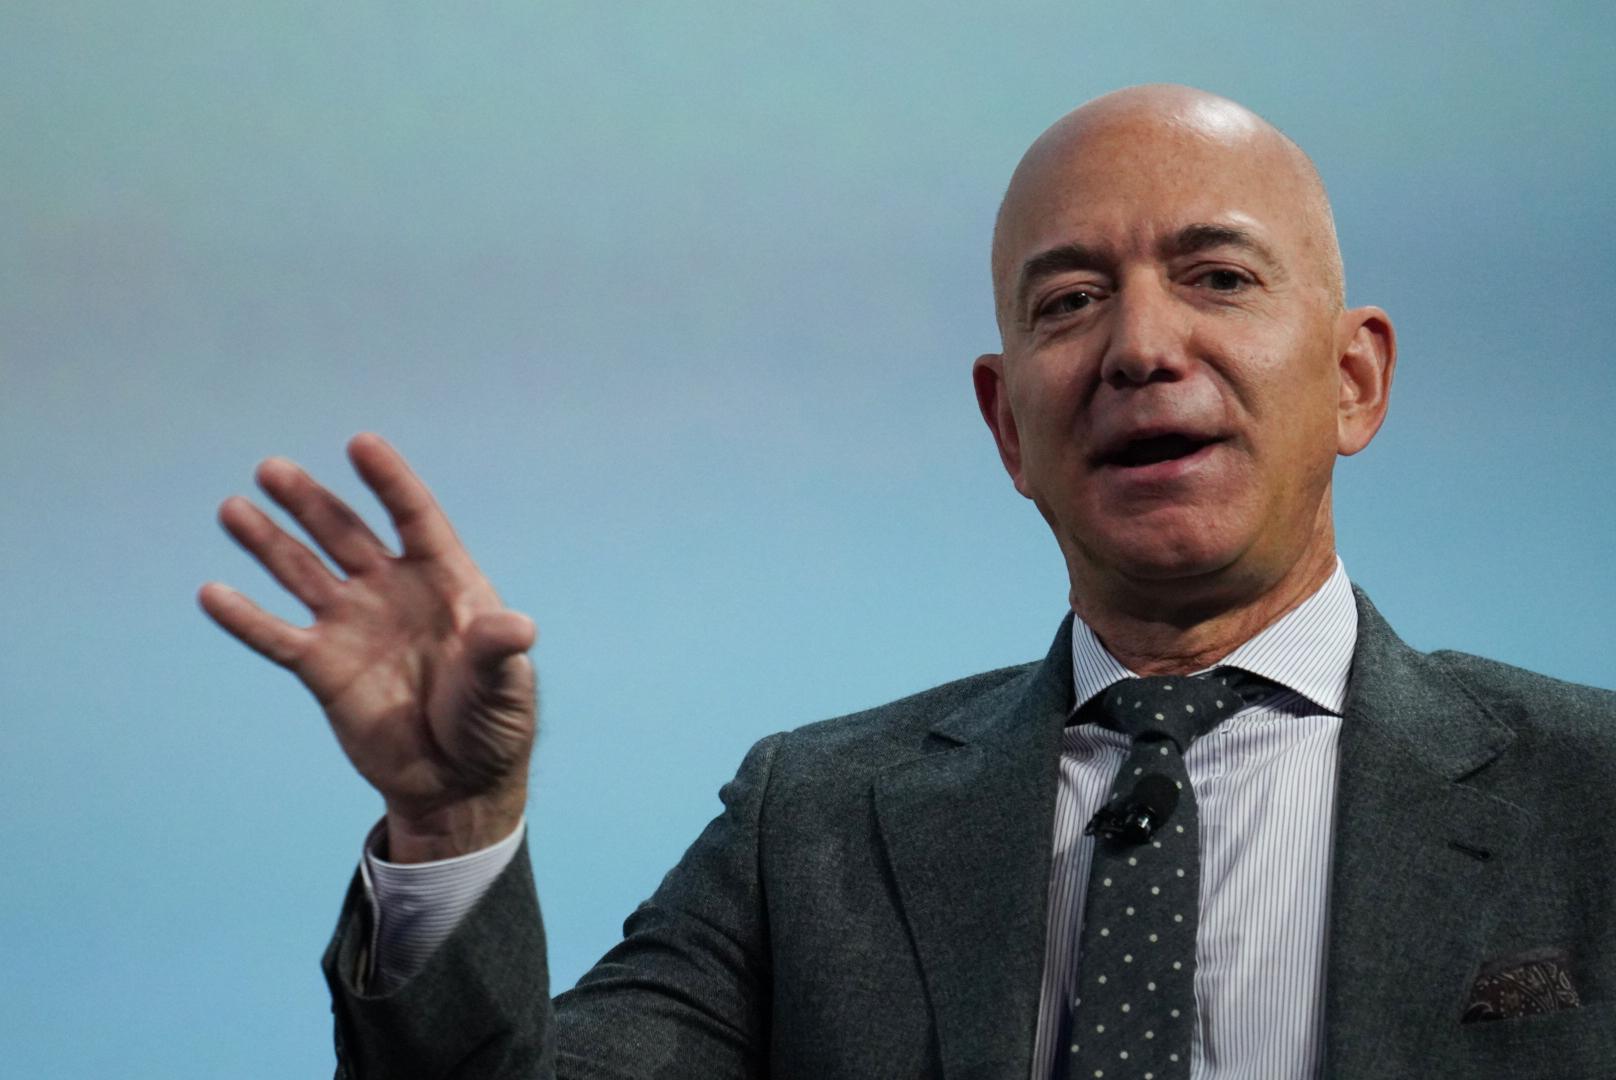 杰夫·贝佐斯将卸任亚马逊首席执行官,出任执行董事长